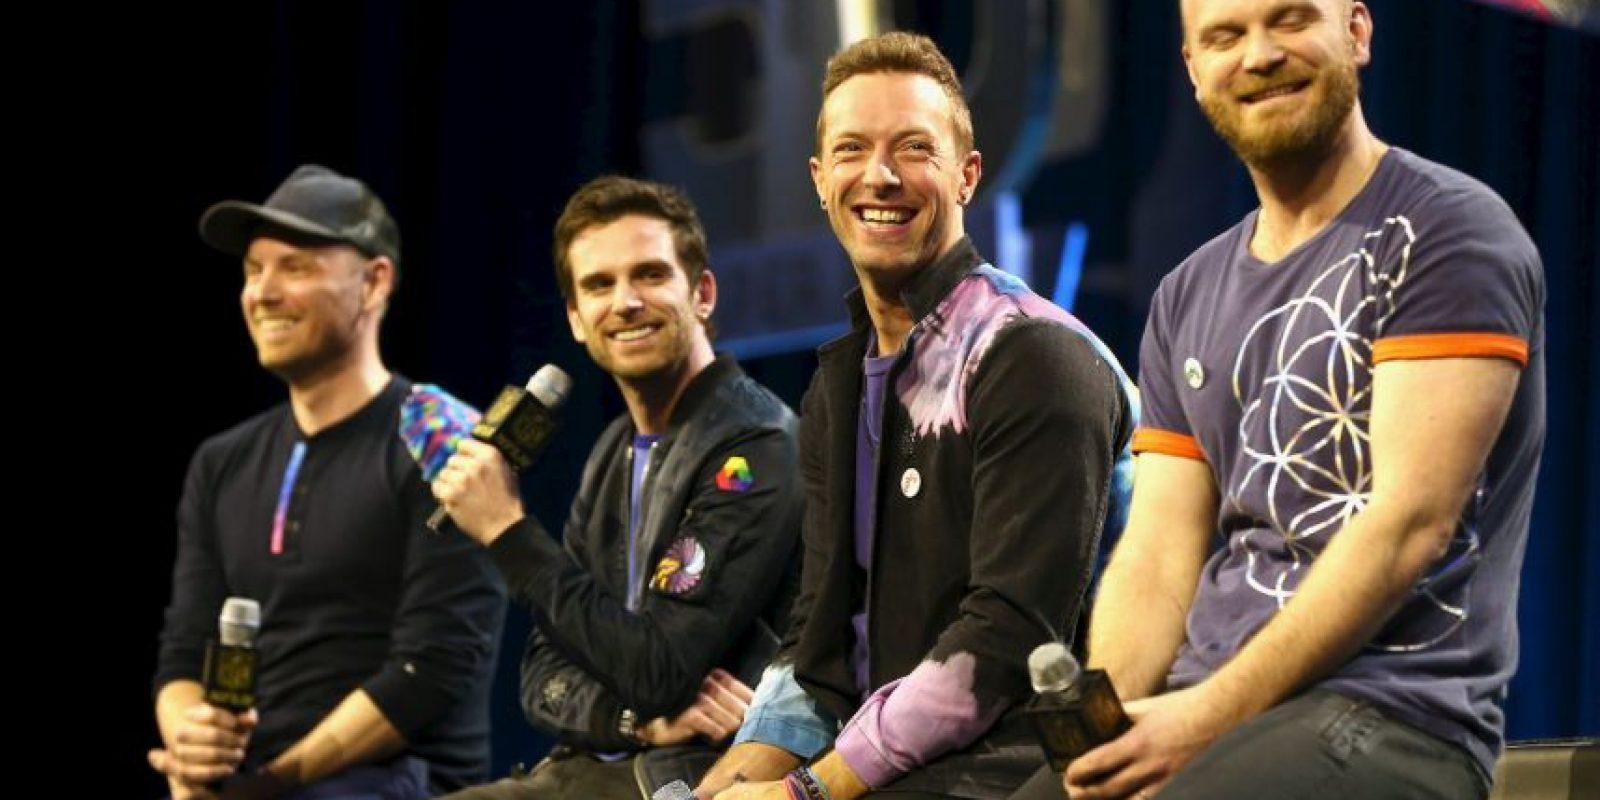 La banda británica Coldplay será la encargada del medio tiempo del Super Bowl 50. Foto:Getty Images